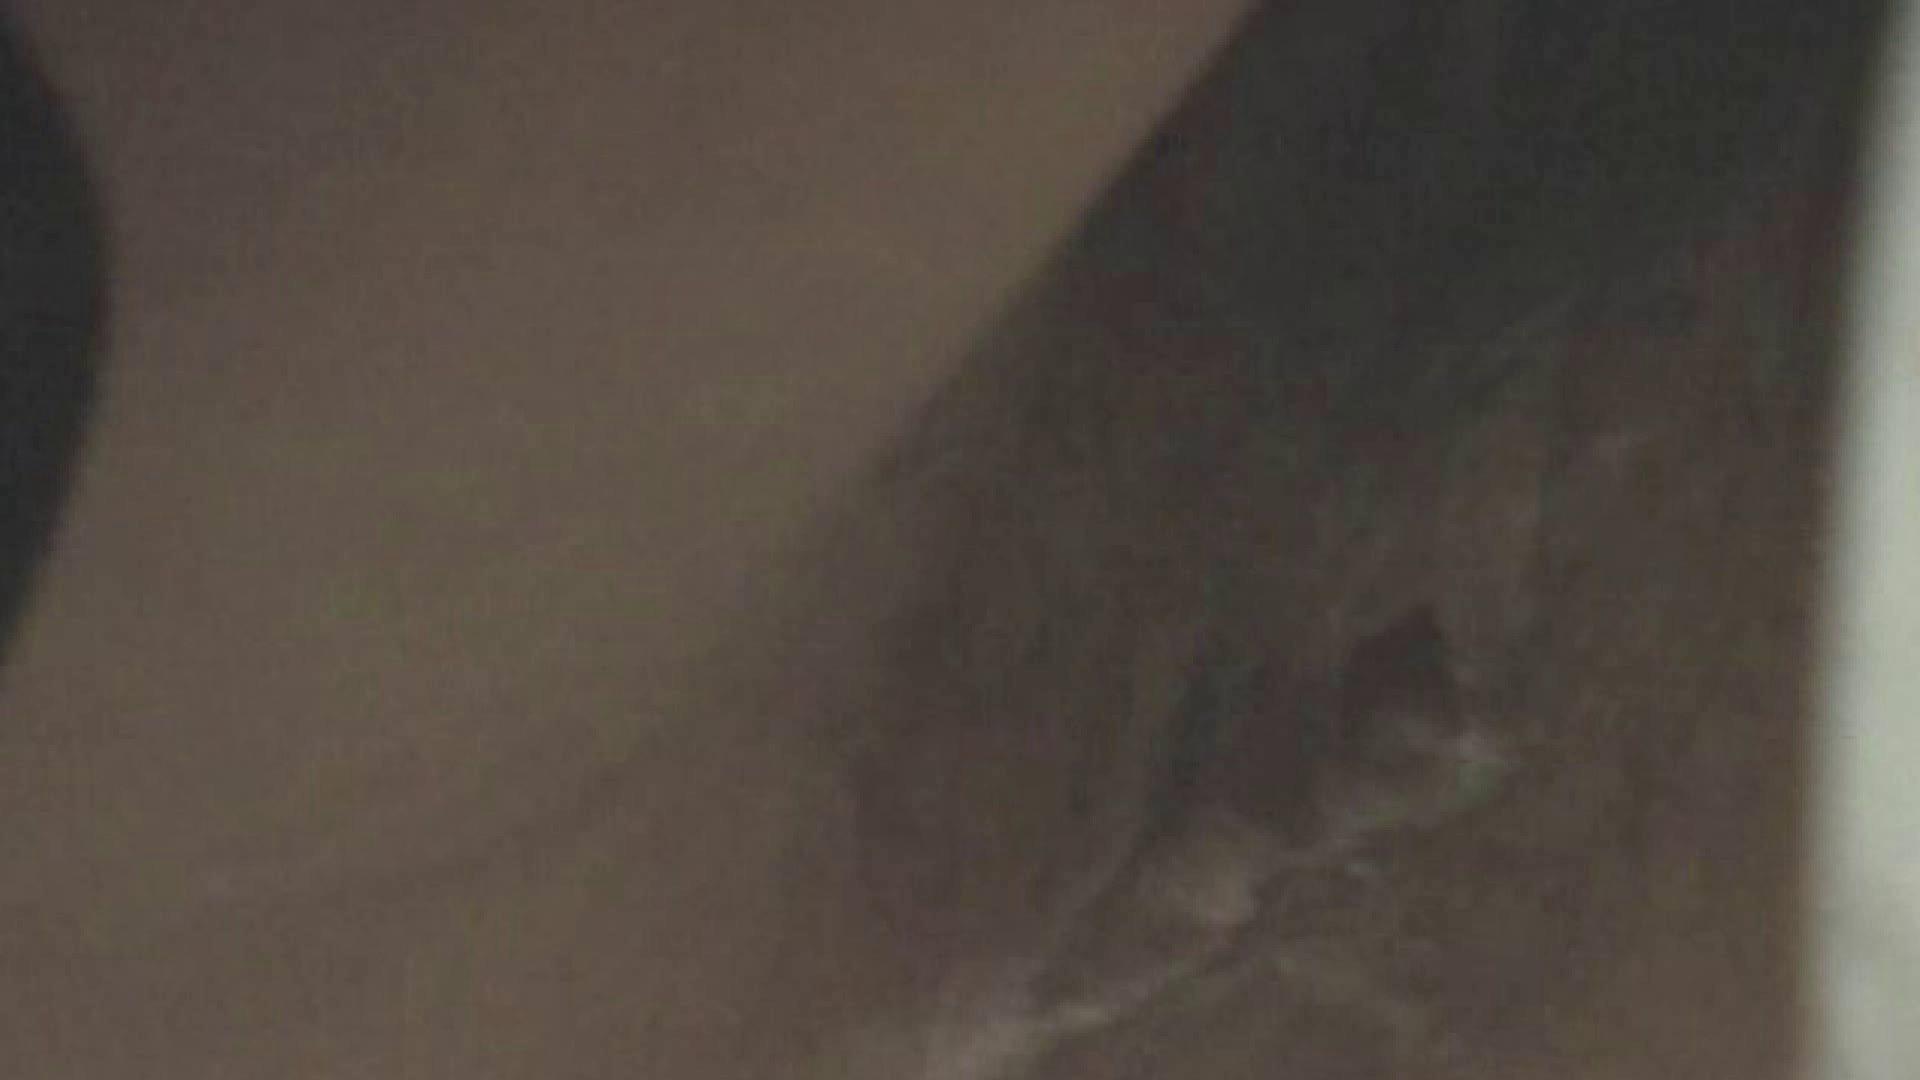 ロックハンドさんの盗撮記録File.36 厠・・・ 盗み撮り動画 88PIX 20